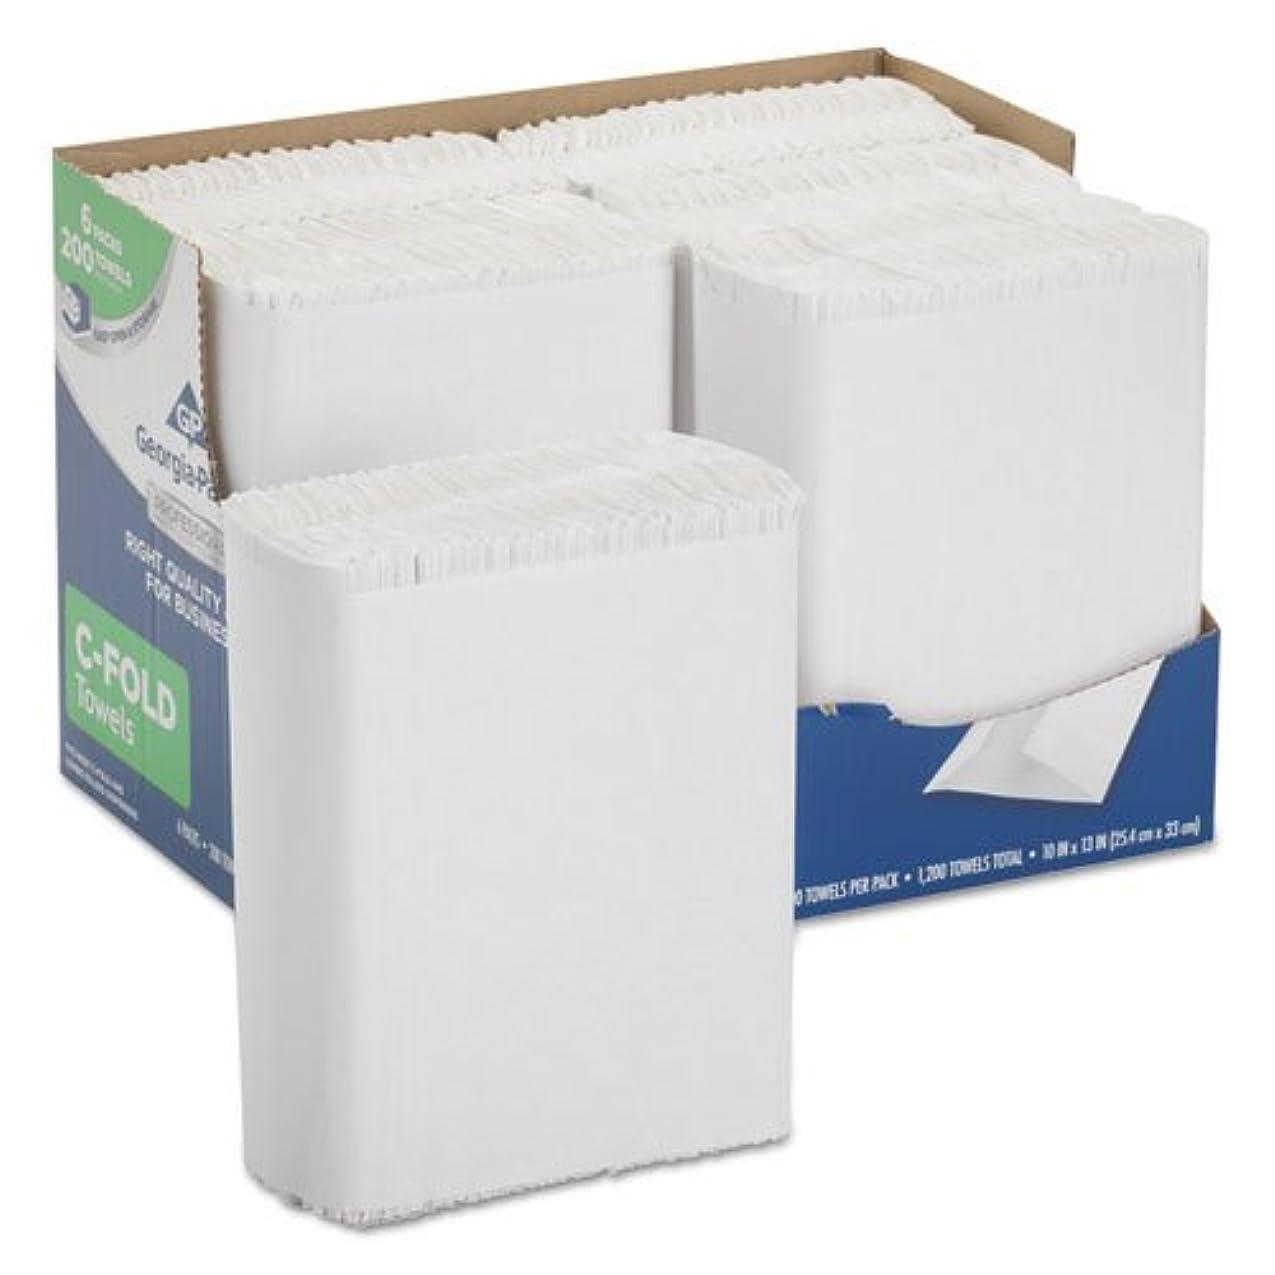 休眠懇願する不条理Georgia Pacific 2112014プロフェッショナルシリーズプレミアム紙タオル、c-fold、10?x 13、200?/ BX、6?BX / CT